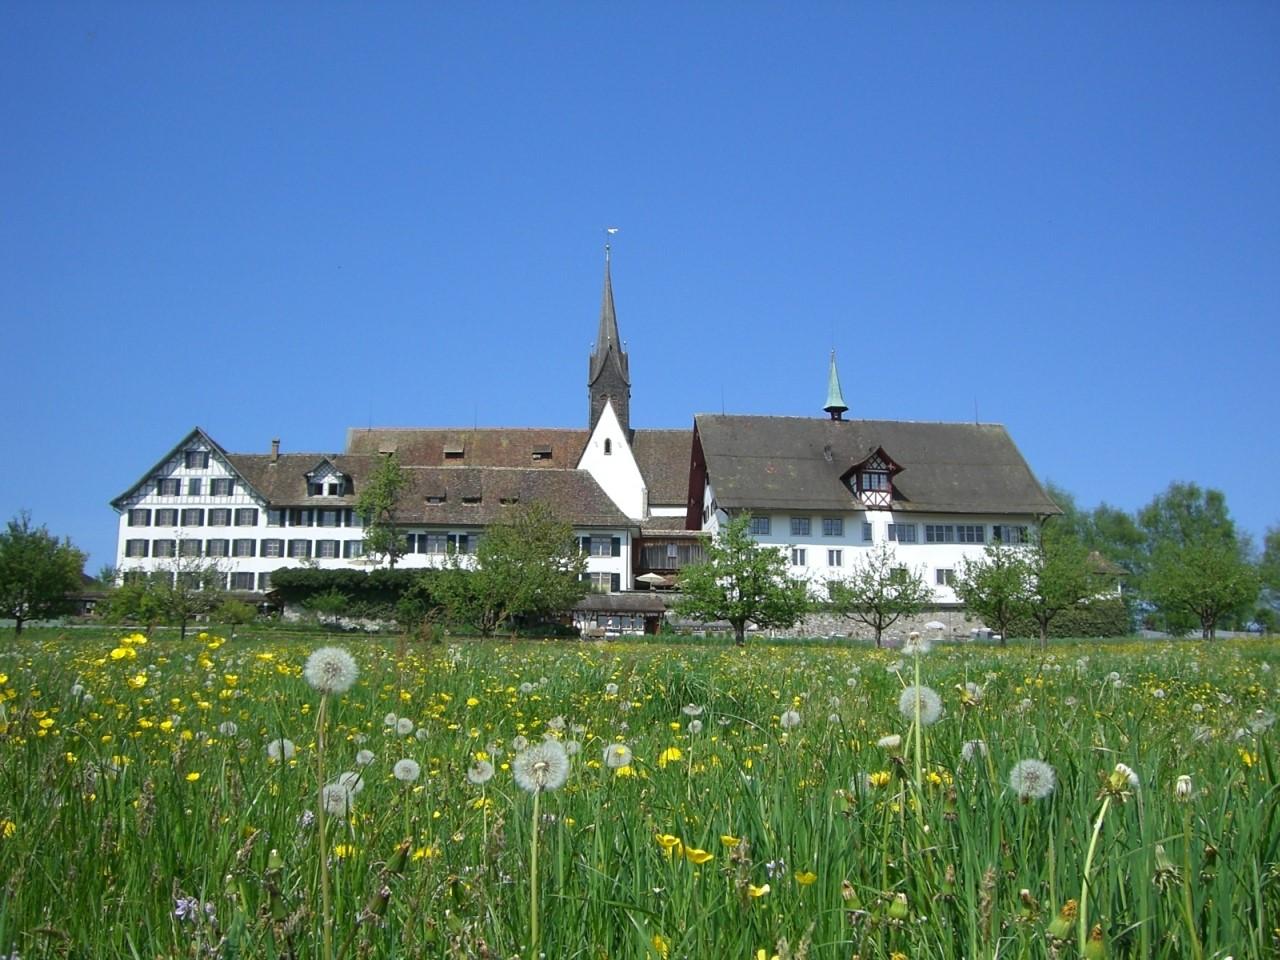 Umbau/Gesamtsanierung Kloster Kappel, Kappel am Albis